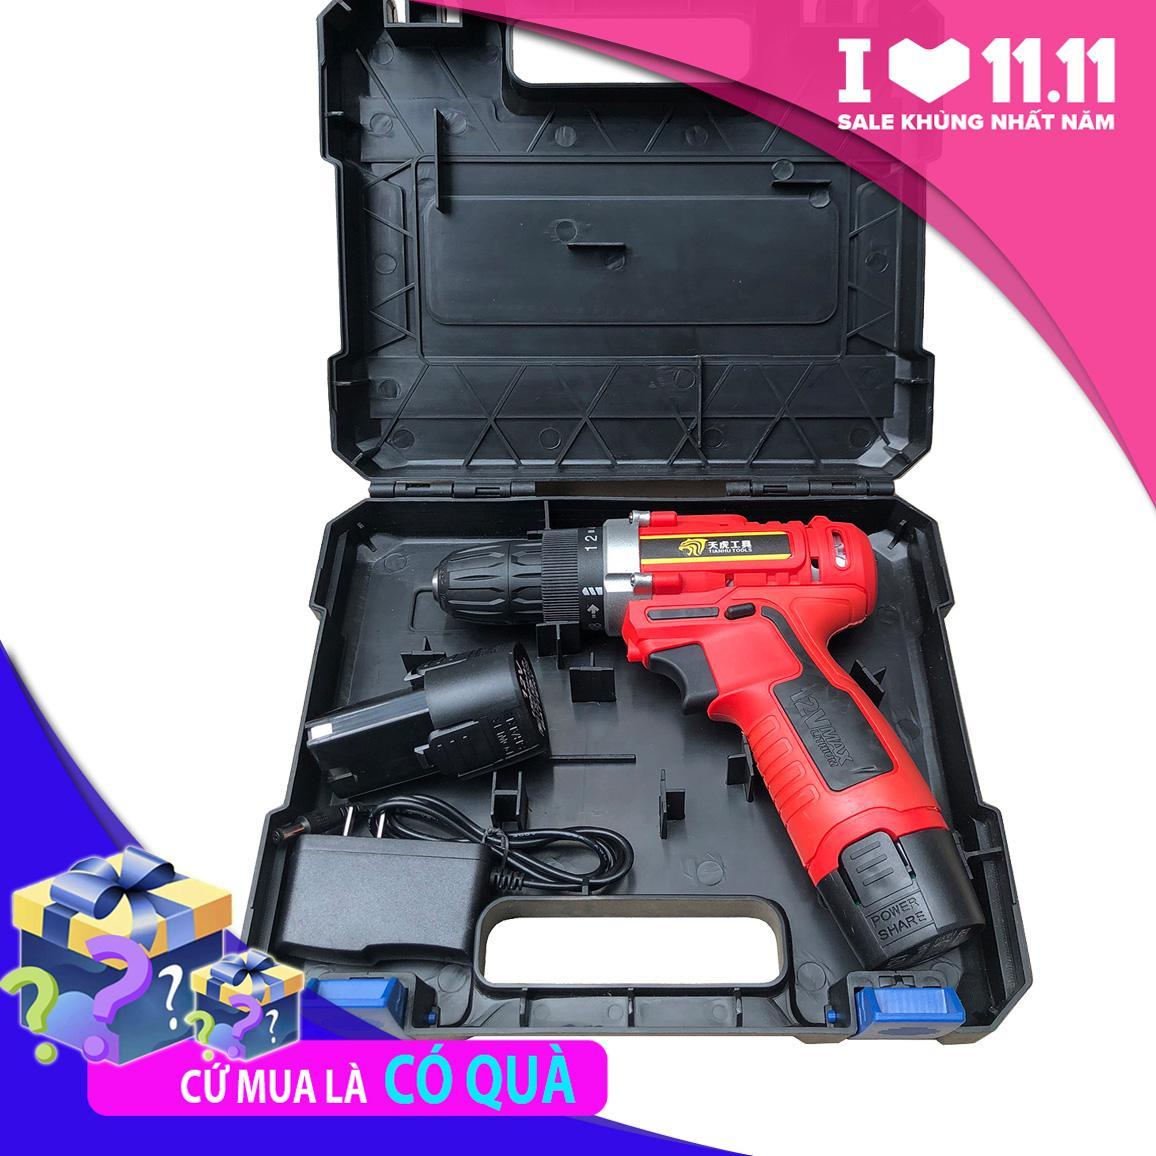 Máy khoan pin Tianhu tools 380w - 2 pin - máy khoan Siêu khỏe, máy khoan siêu rẻ